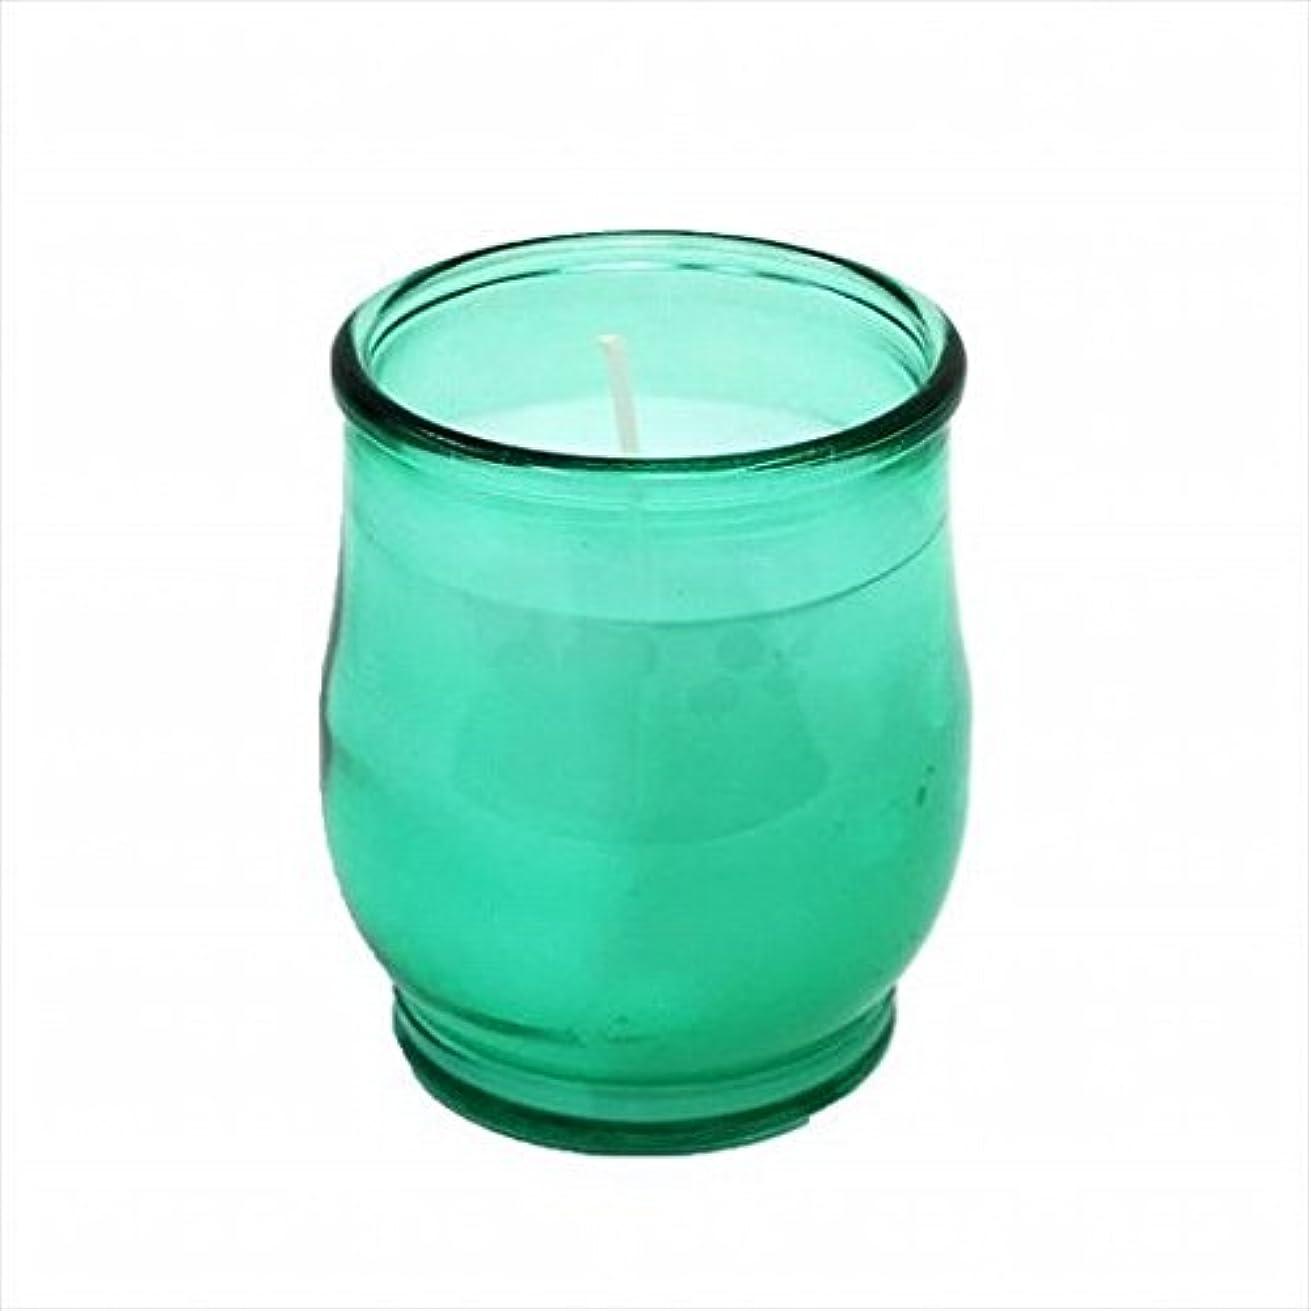 インディカで出来ている露骨なkameyama candle(カメヤマキャンドル) ポシェ(非常用コップローソク) 「 グリーン(ライトカラー) 」 キャンドル 68x68x80mm (73020030G)